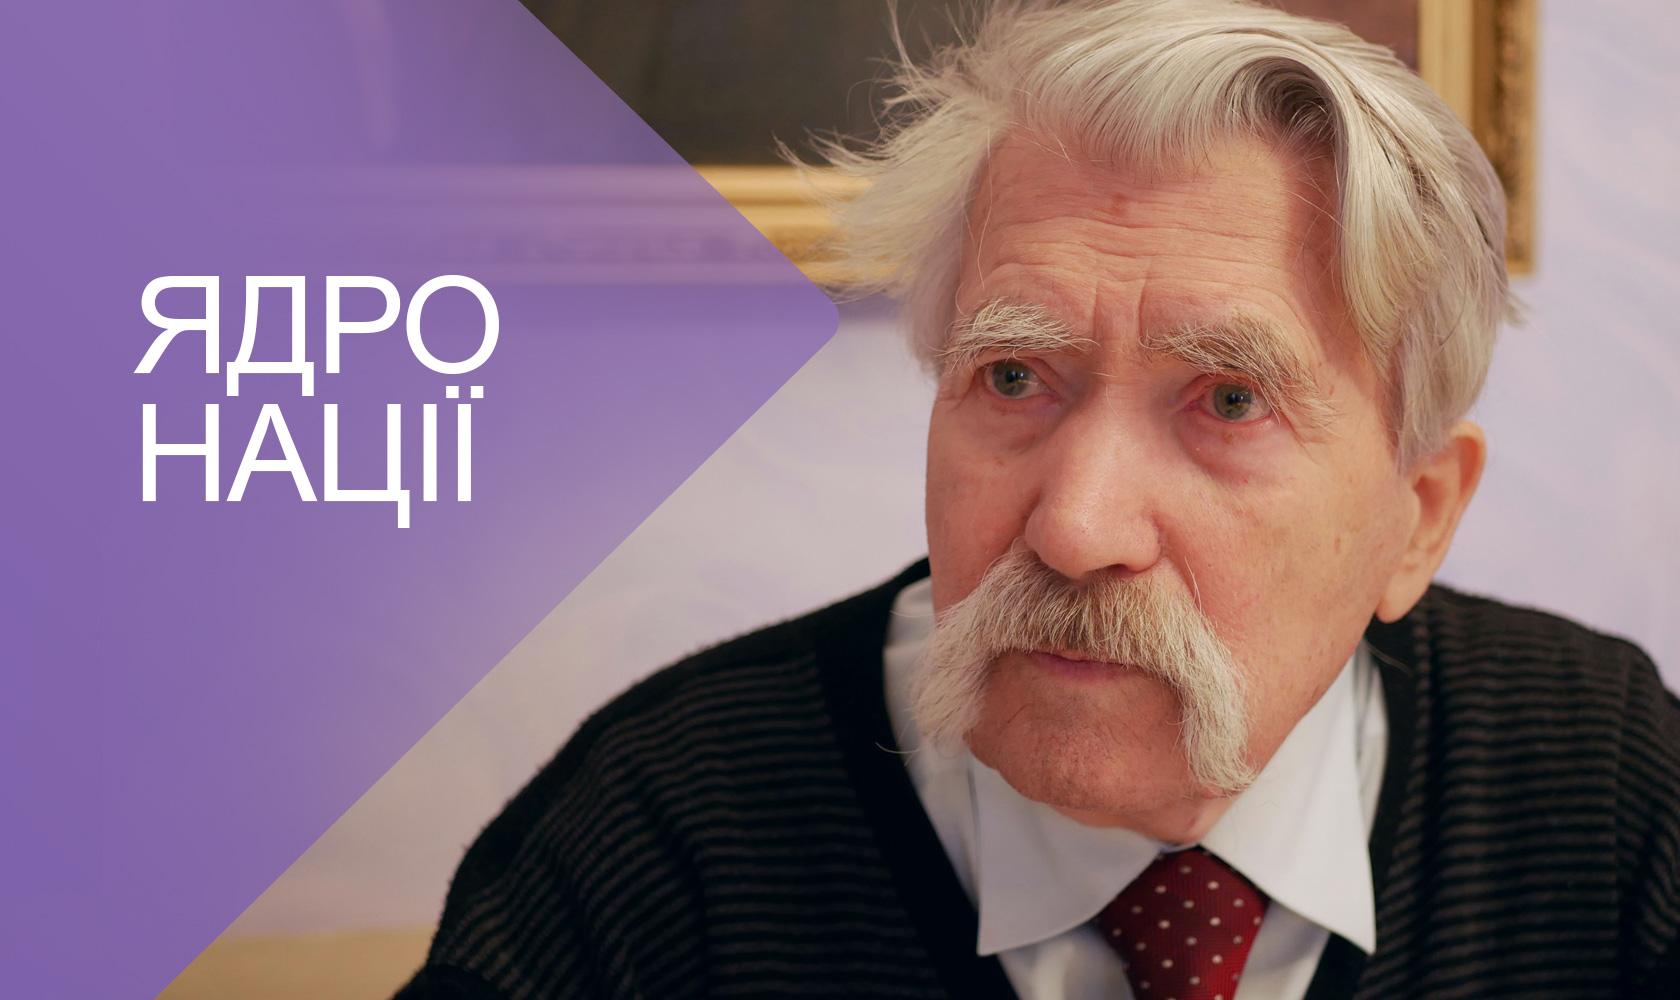 Он был историей человечества и украинства, - политики и чиновники в соцсетях вспоминают Левко Лукьяненко - Цензор.НЕТ 716